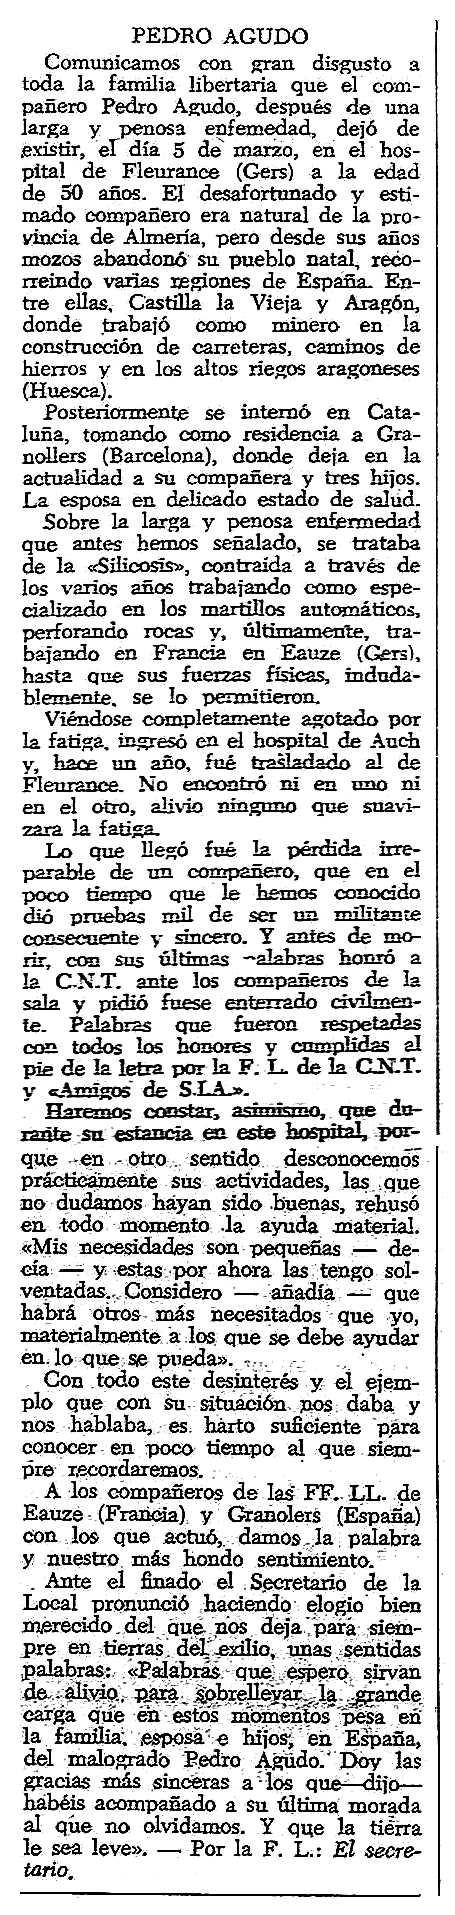 """Necrològica de Pedro Agudo Gallego apareguda en el periòdic tolosà """"CNT"""" del 6 d'abril de 1958"""